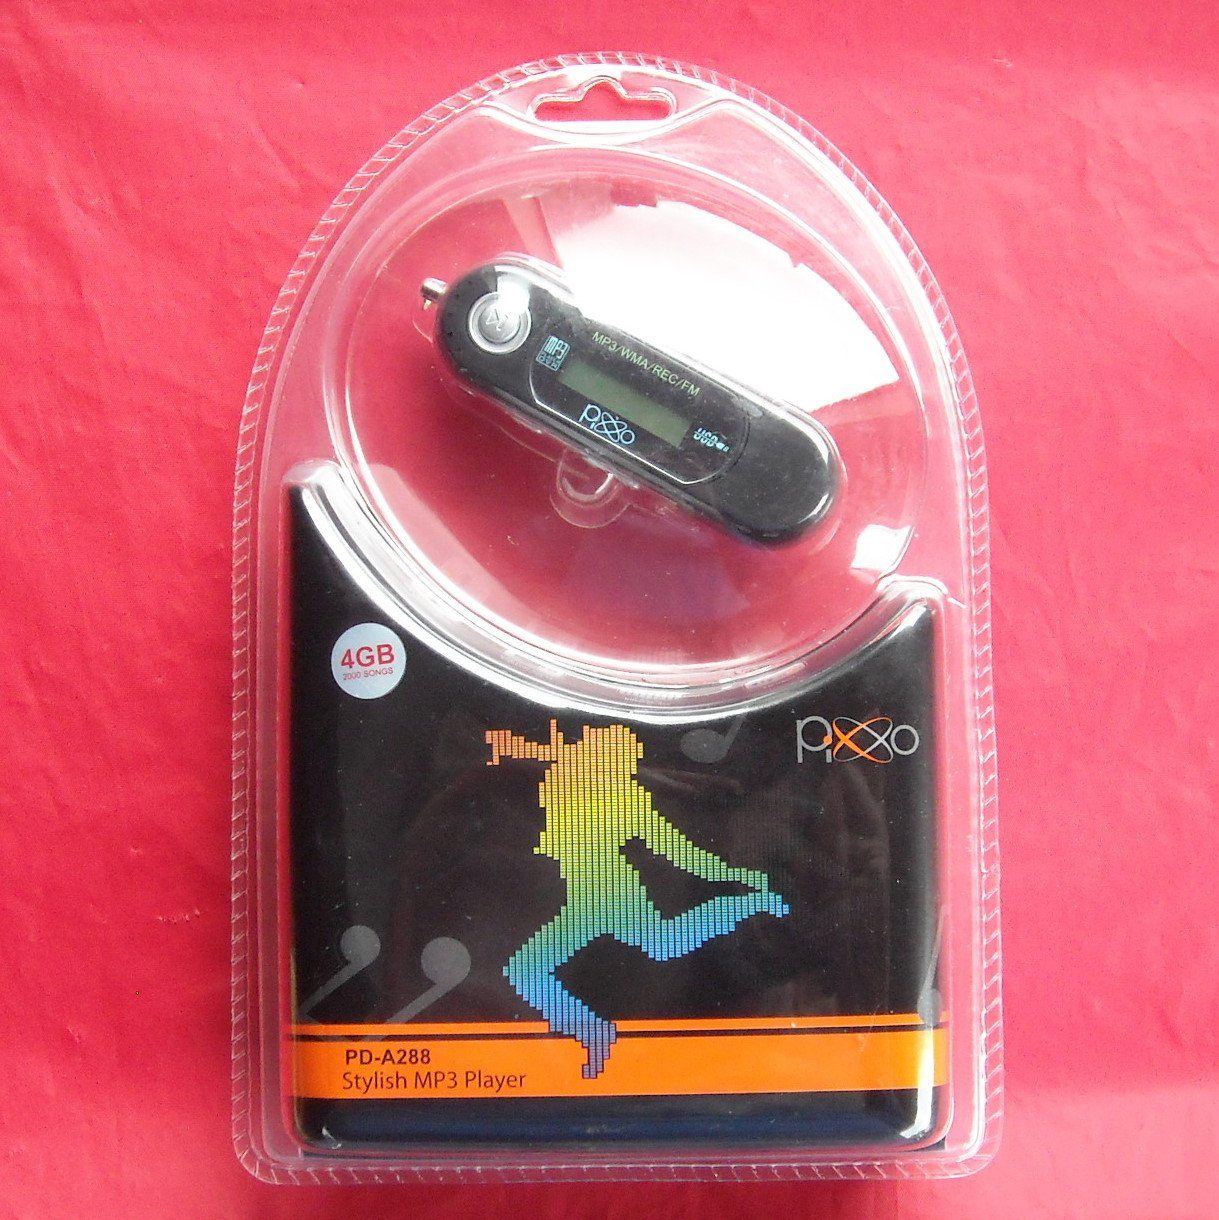 Pixxo PD A288 Stylish Black 4 GB USB MP3 Player